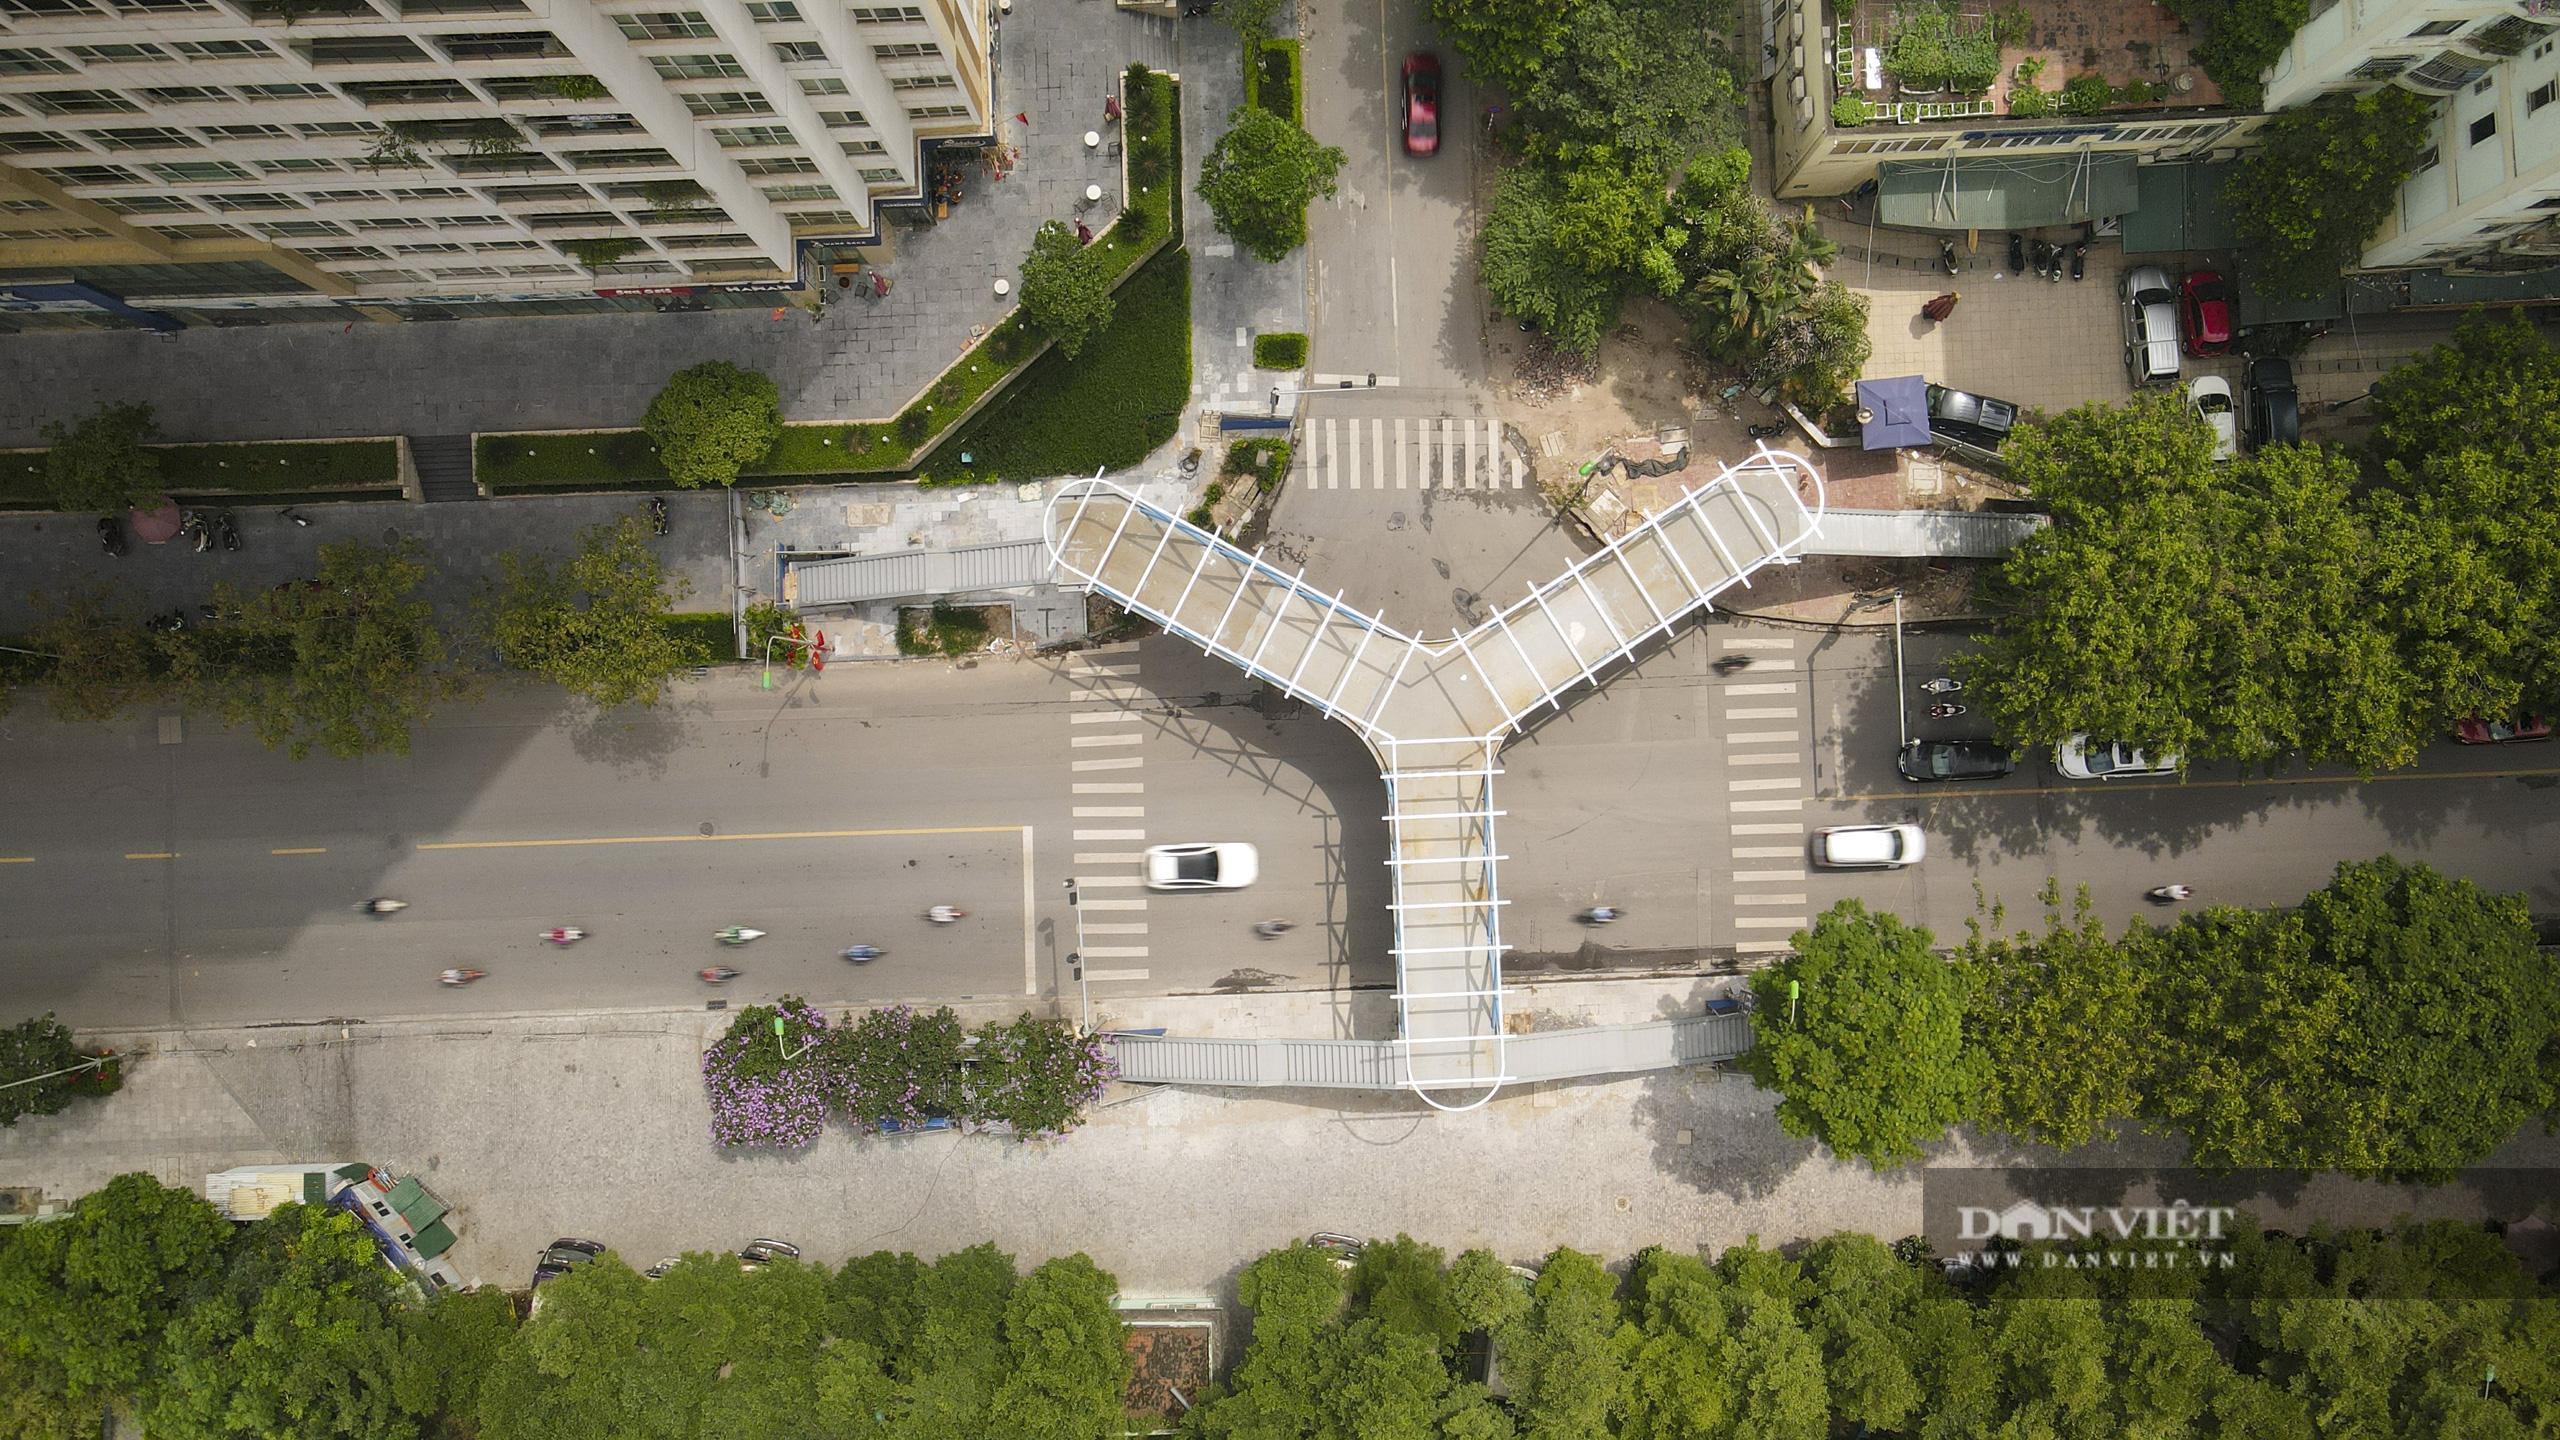 Ngắm cầu vượt bộ hành hình chữ Y đẹp nhất Hà Nội - Ảnh 2.